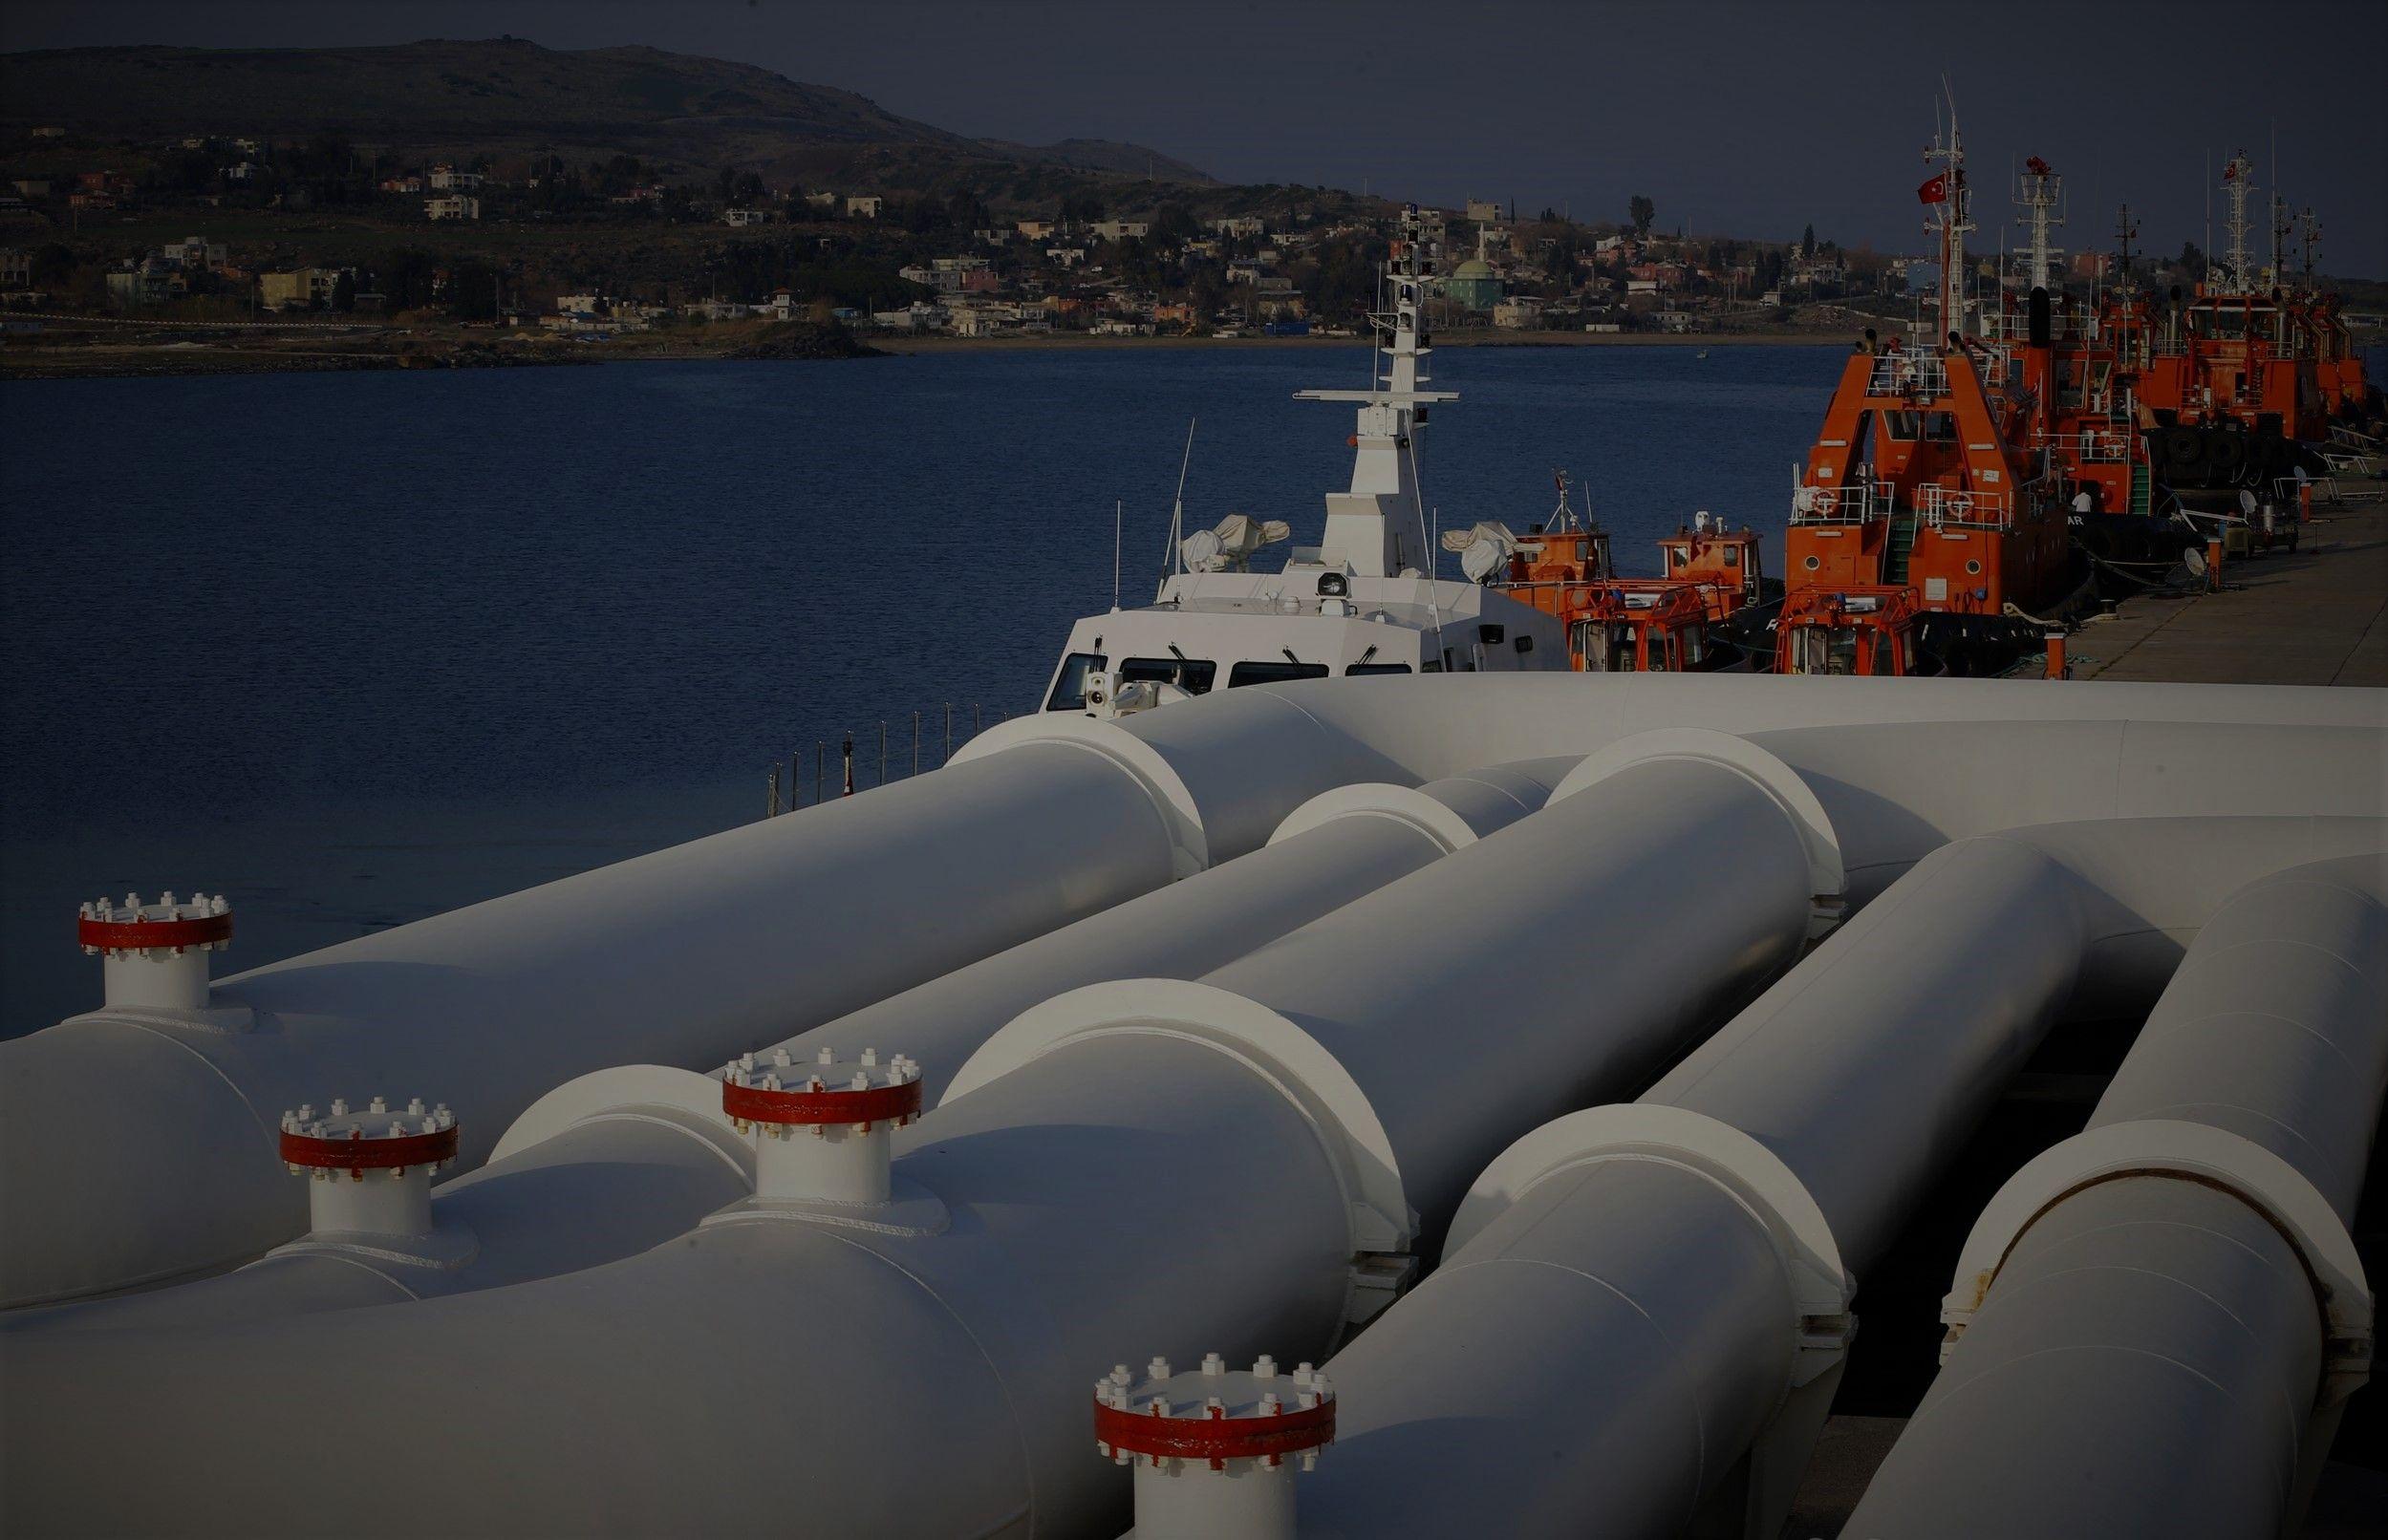 «Турецкий поток» вышел на рекордный уровень за 11 месяцев эксплуатации газопровода